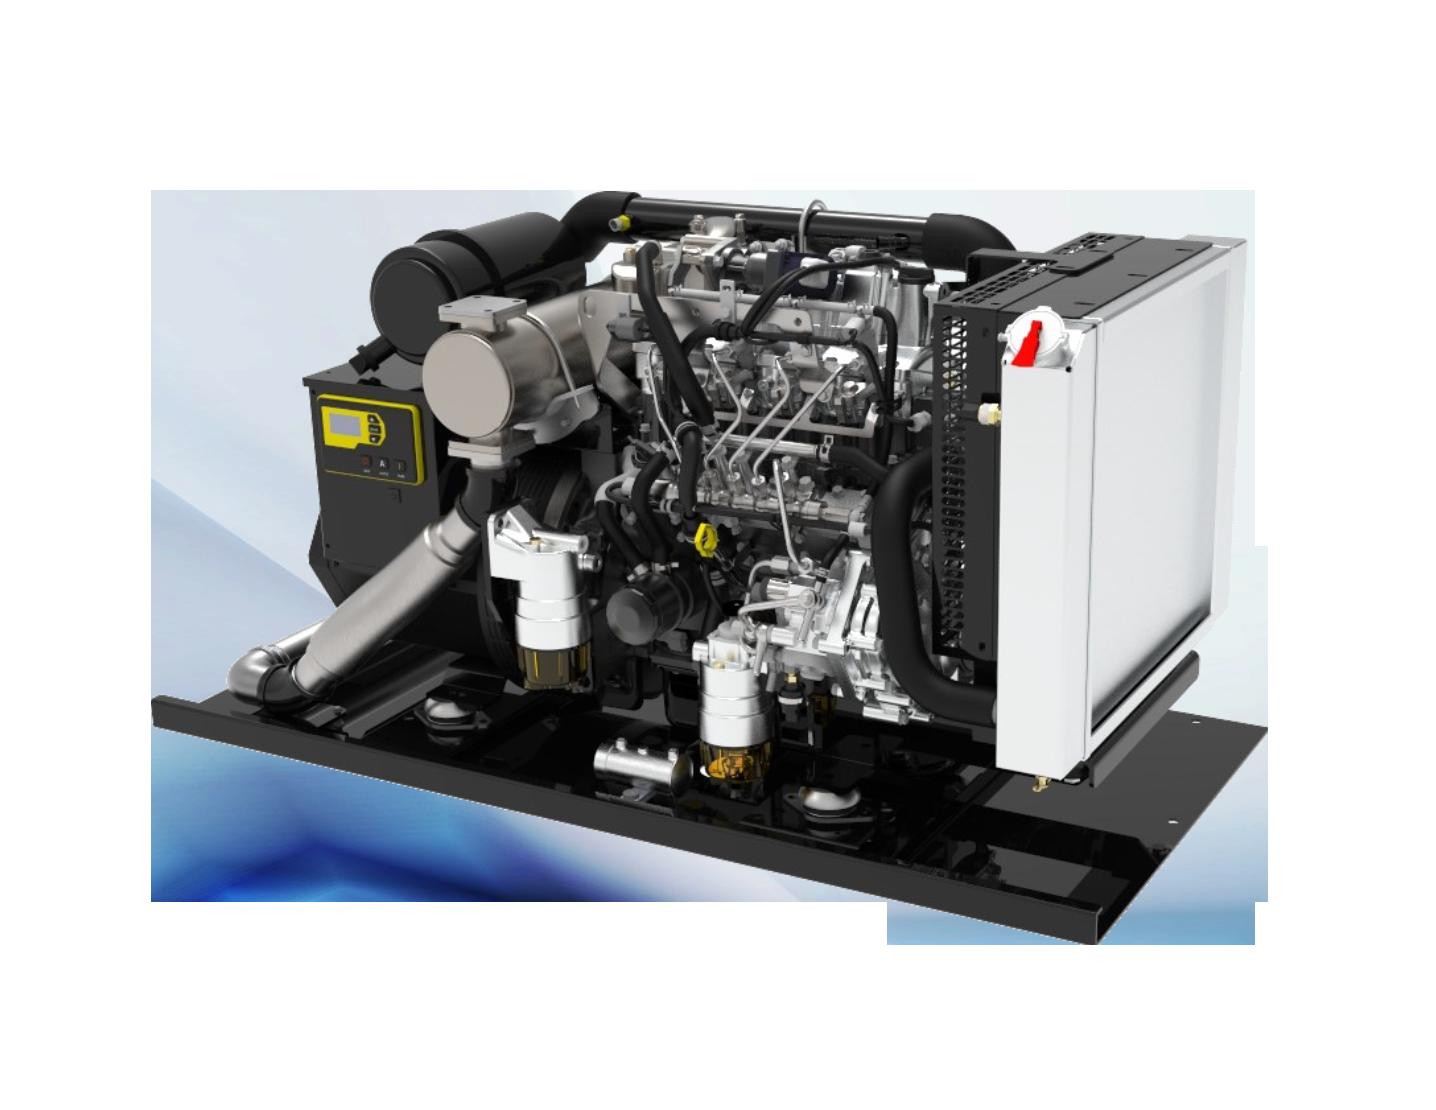 Bloodmobile Diesel Generator